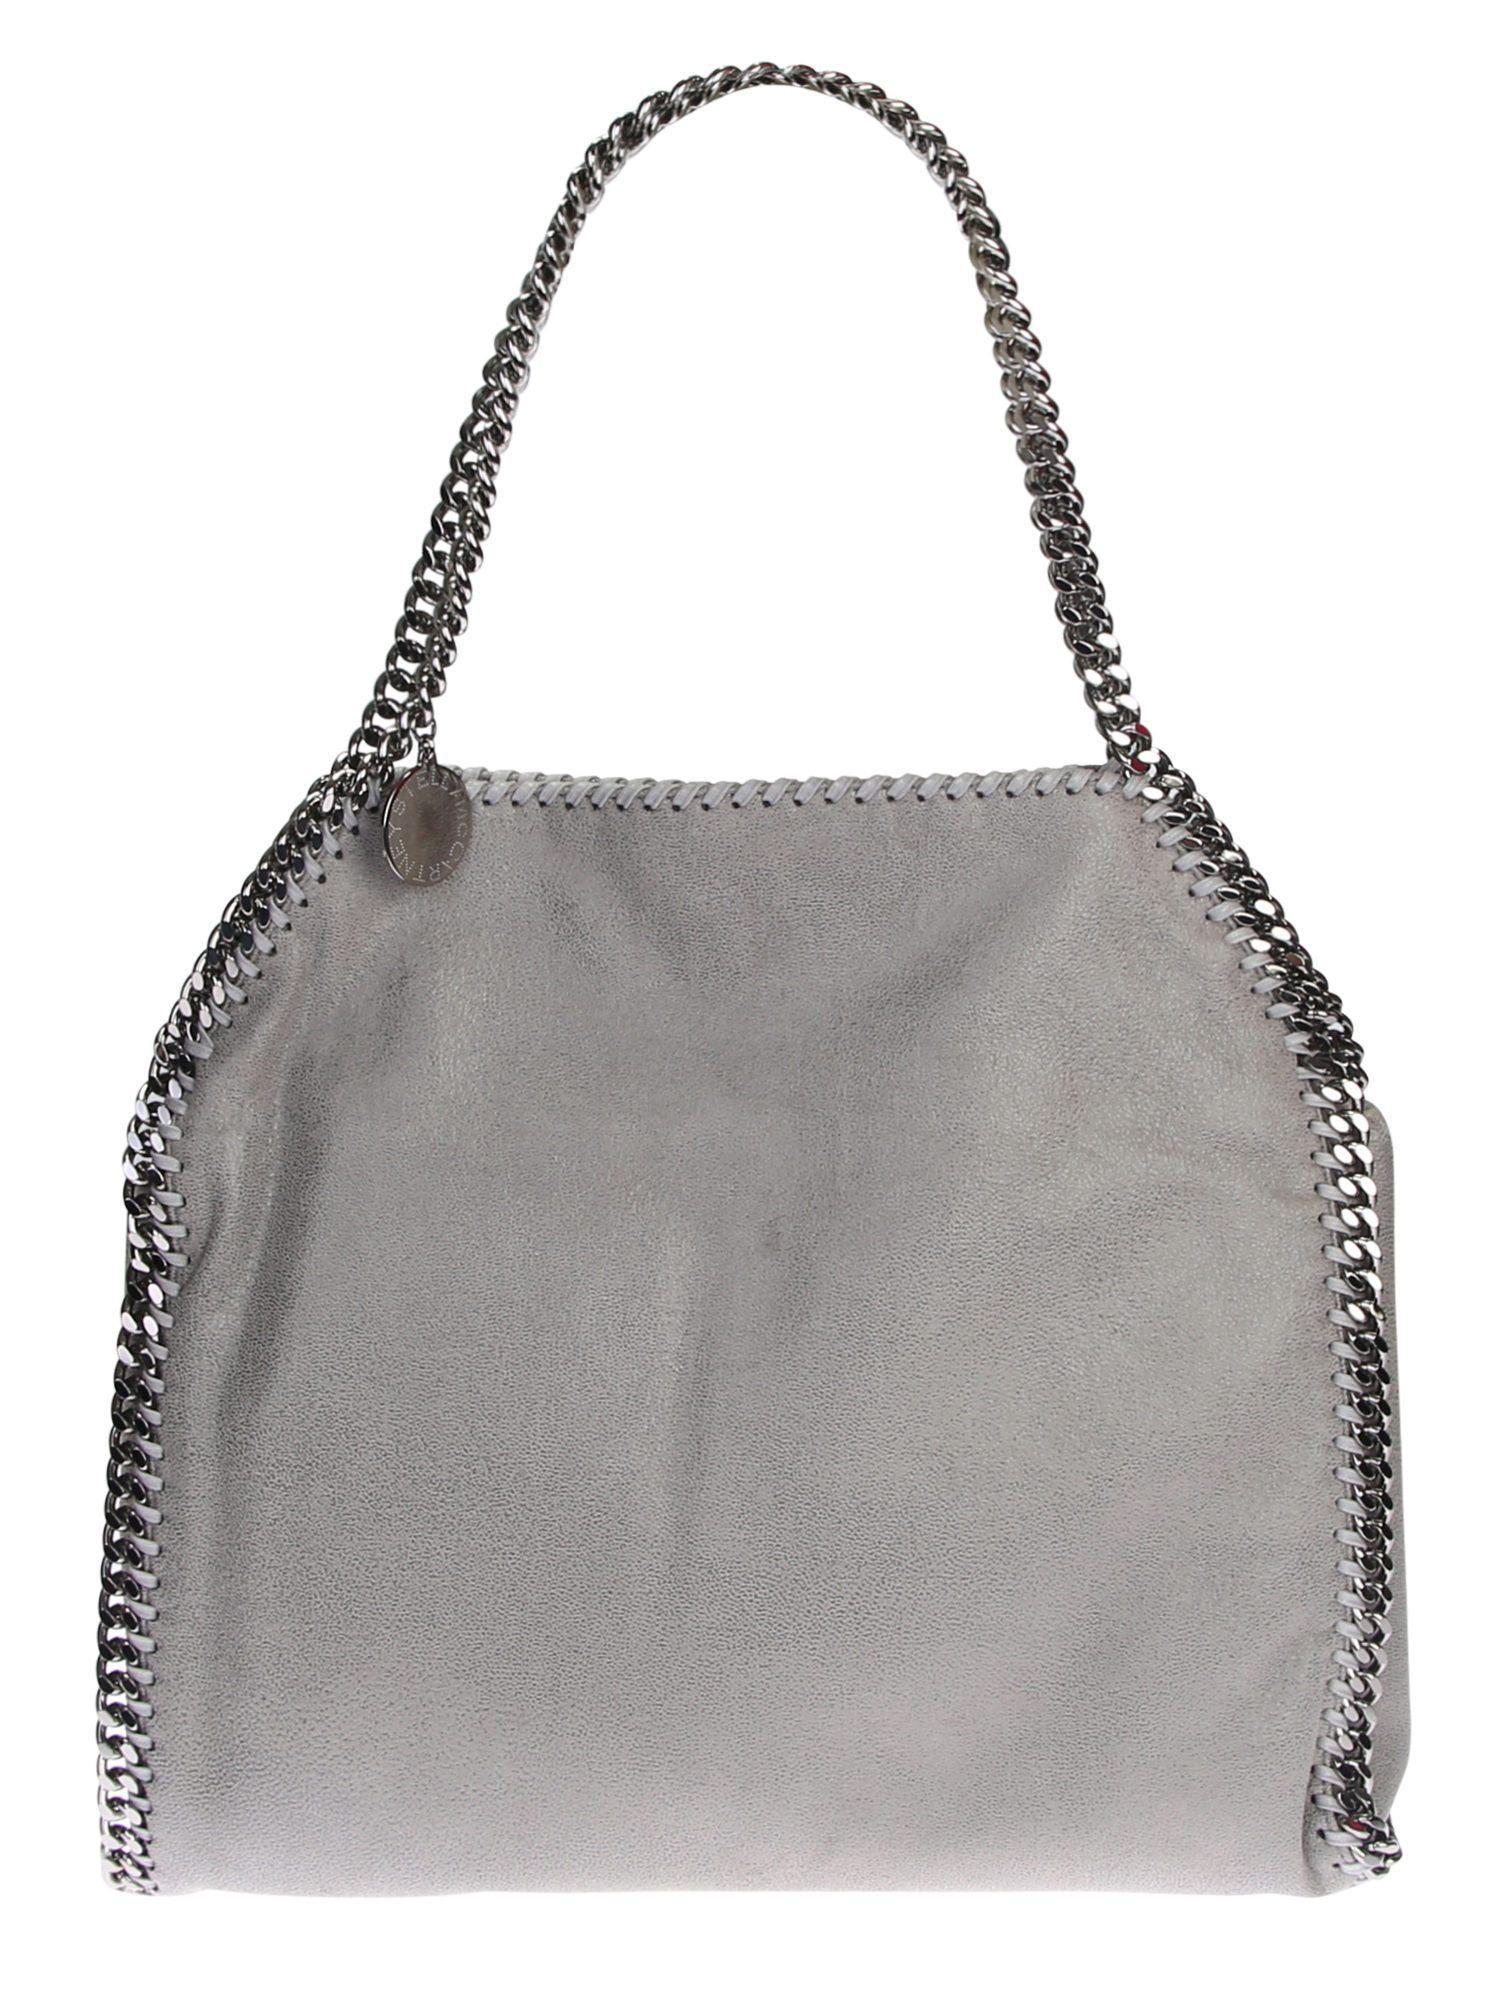 4dc6d3e31a99 Stella McCartney. Women s Falabella Double Chain Bag